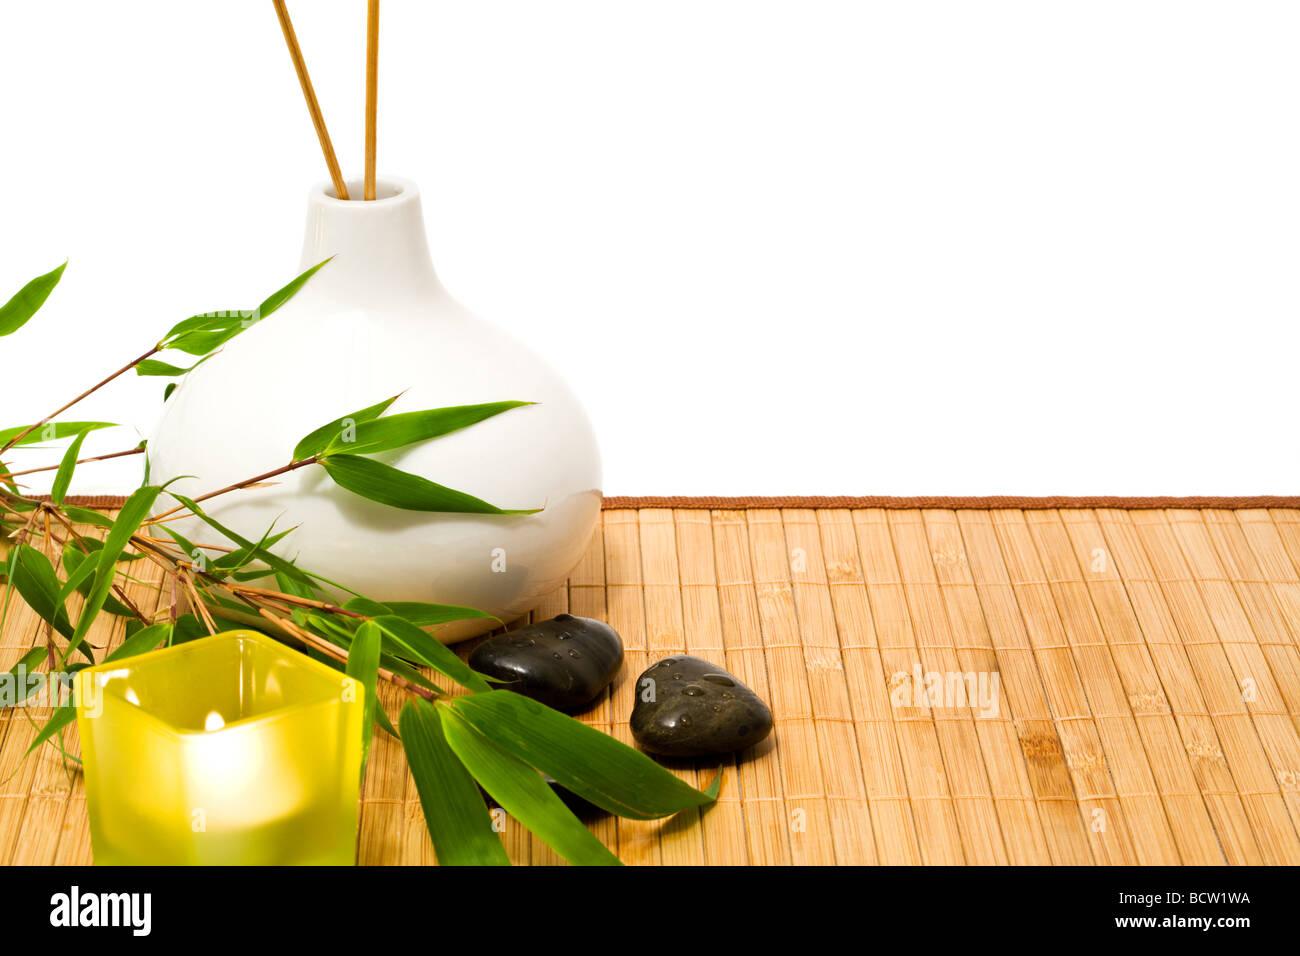 Spa und Wellness Stillleben mit Bambus-Zweig, Kerze, Steinen, Vase mit Räucherstäbchen, Ausschnitt Stockbild